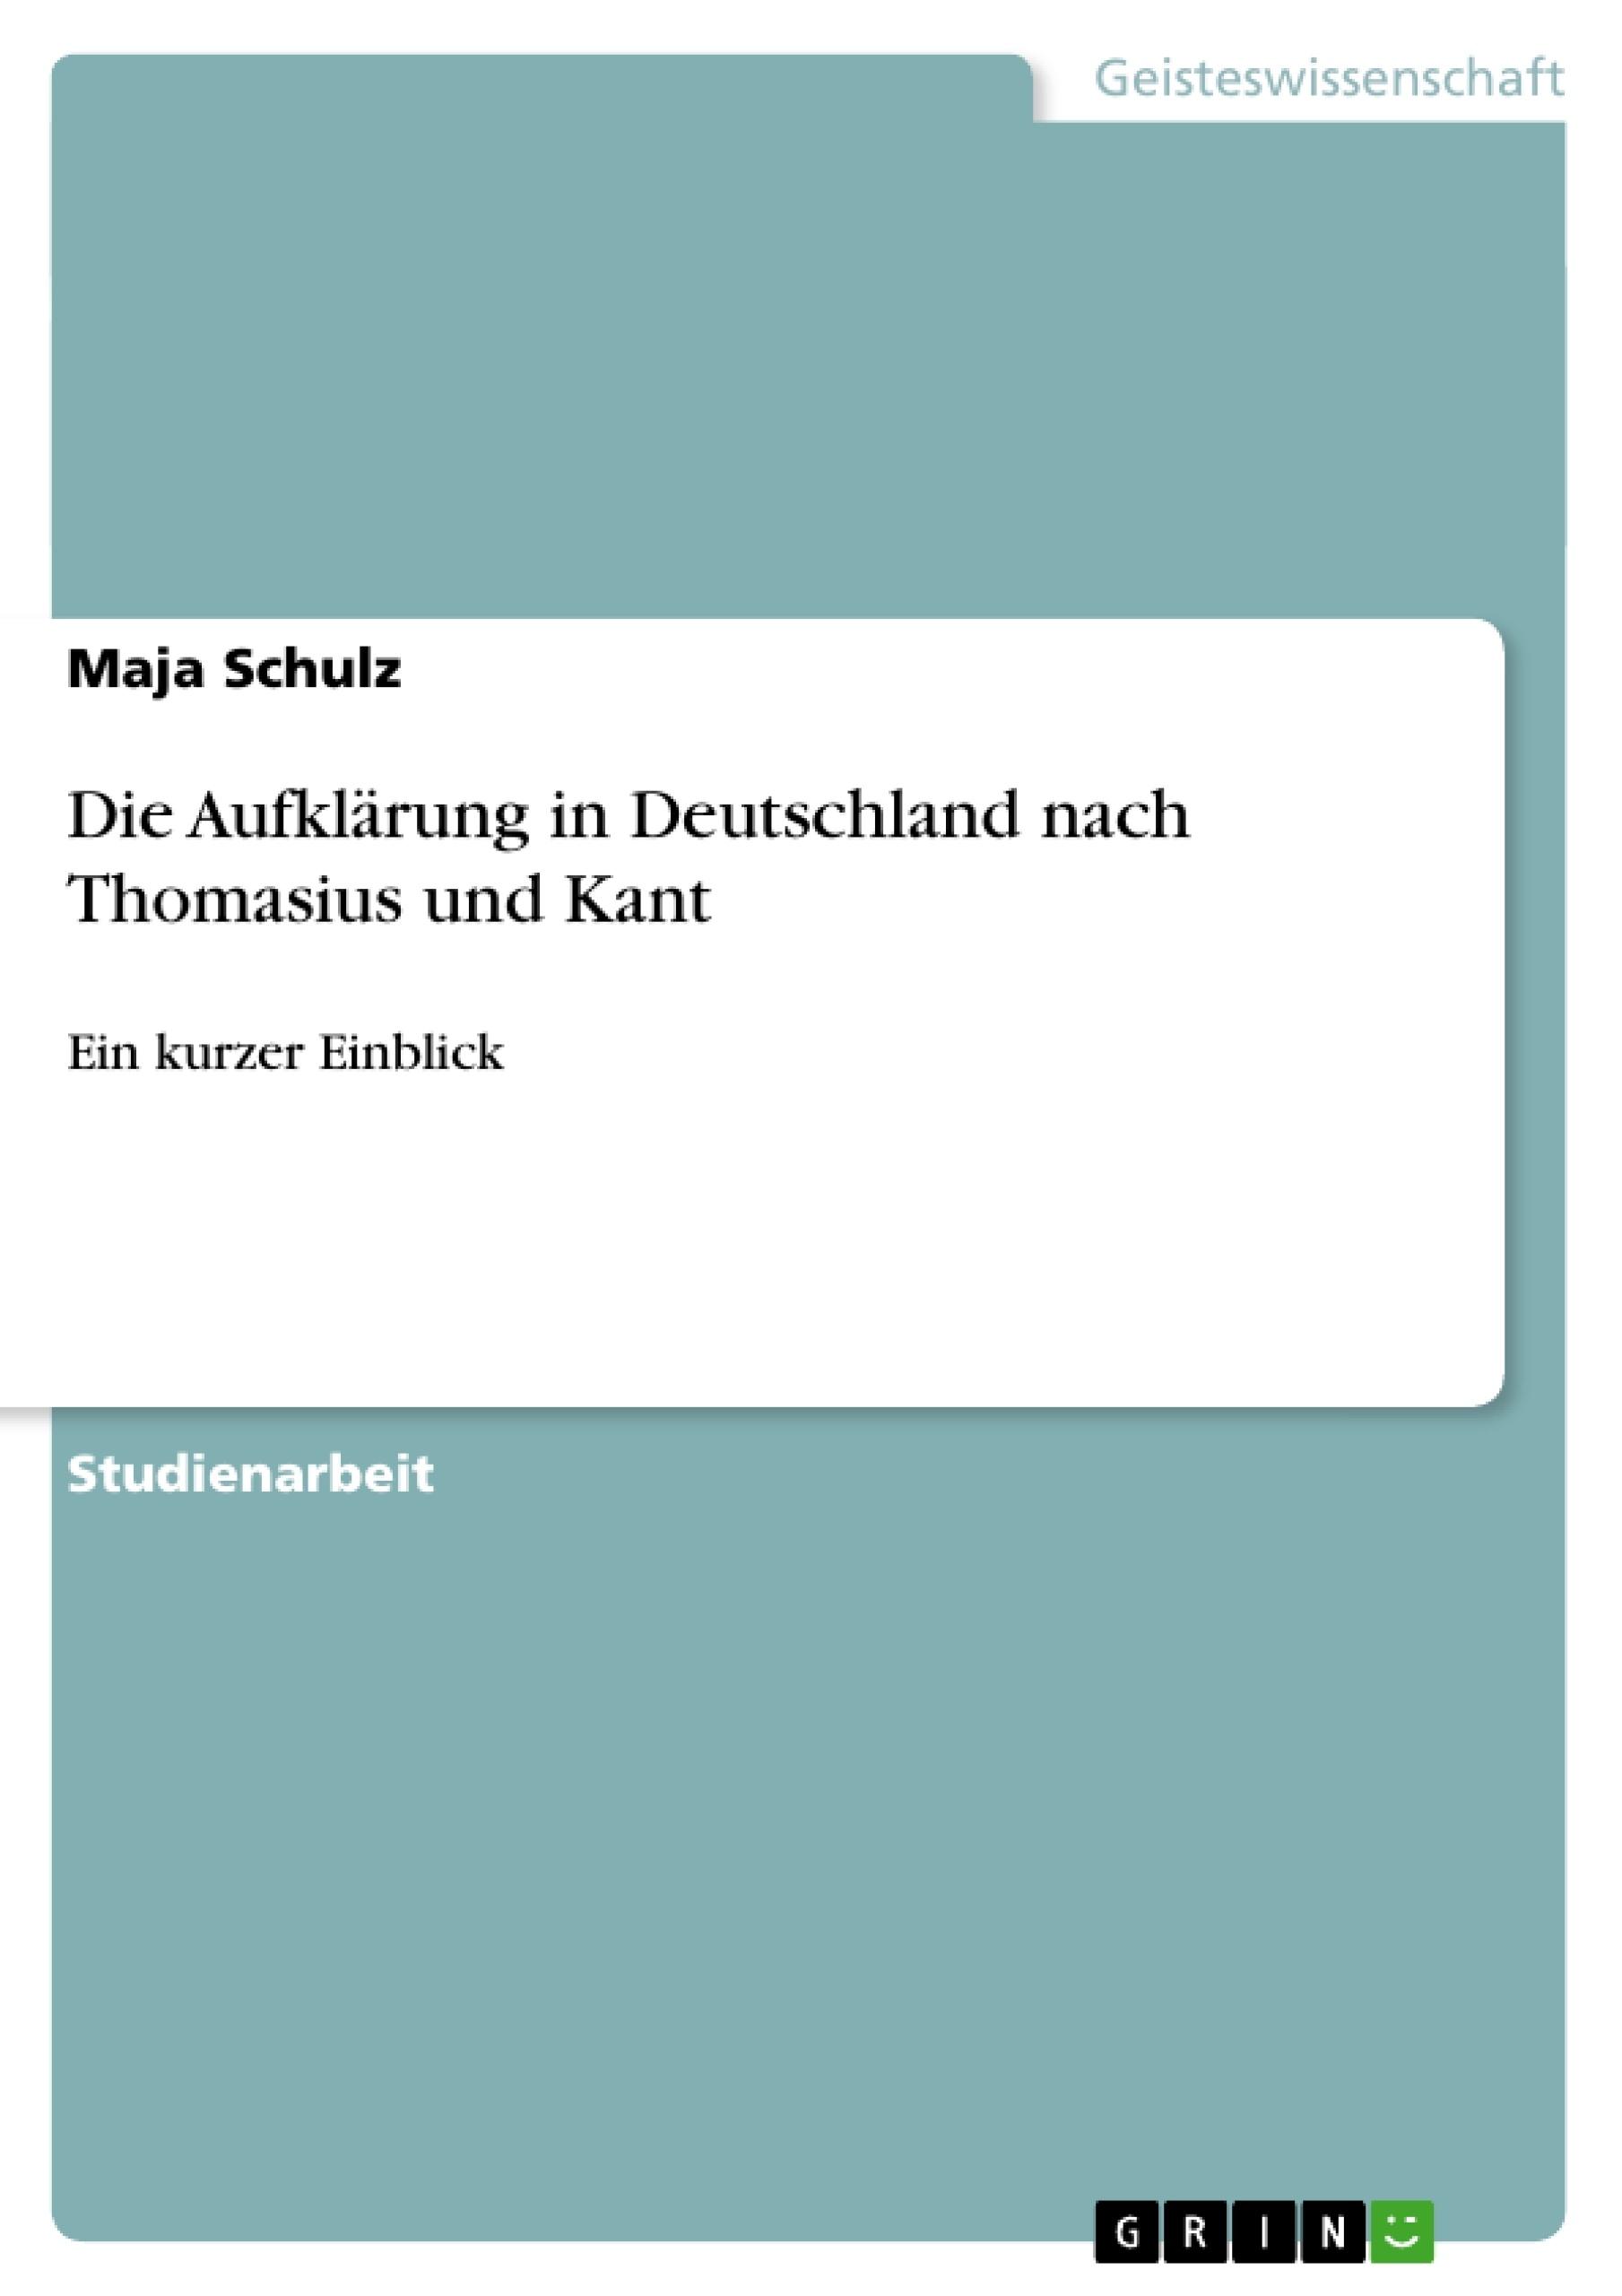 Titel: Die Aufklärung in Deutschland nach Thomasius und Kant